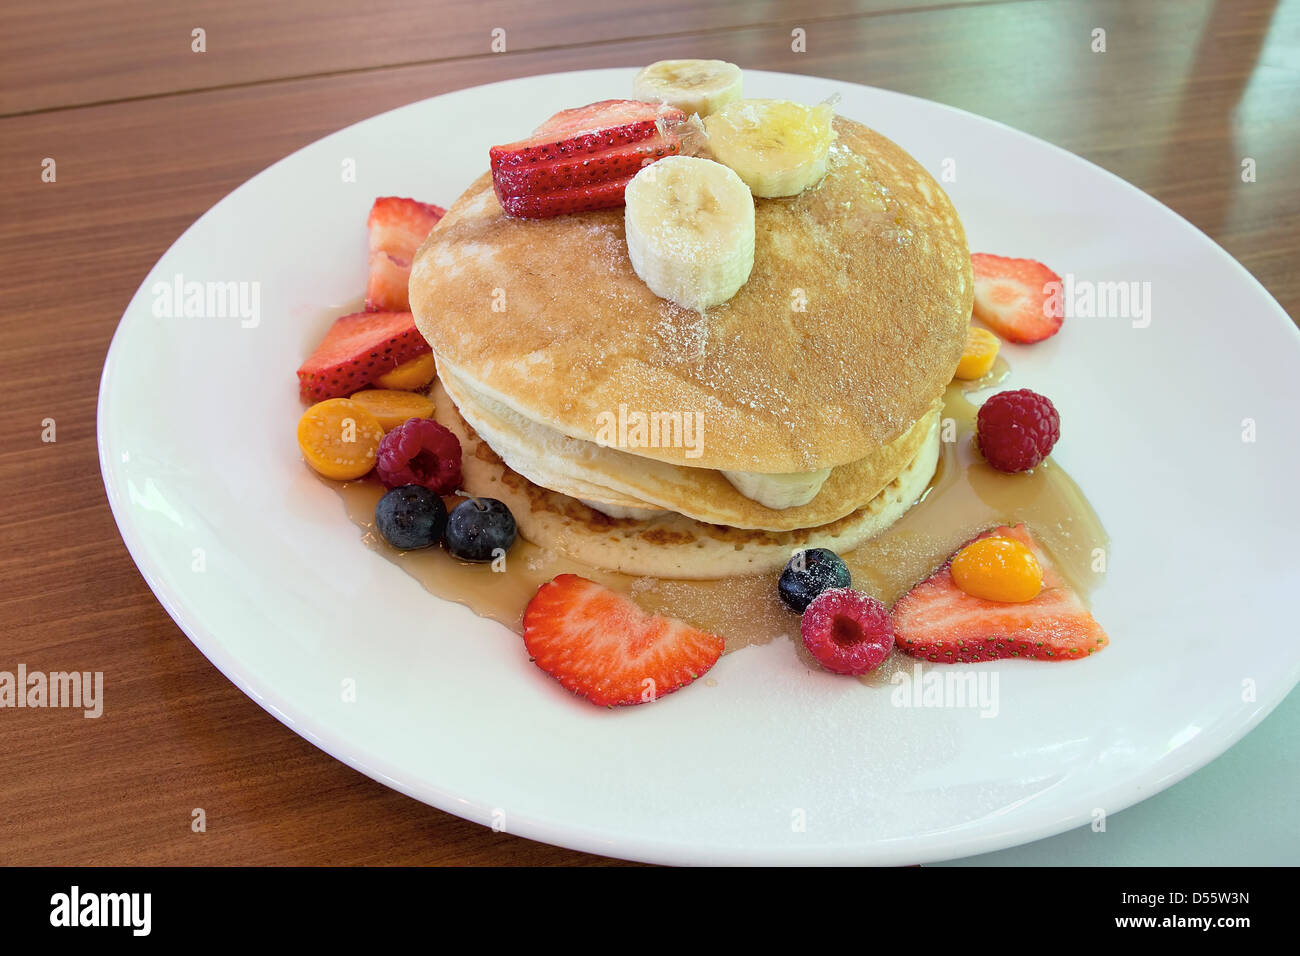 Hotcakes with Blueberries Strawberries Raspberries Banana and Honeycomb Stock Photo